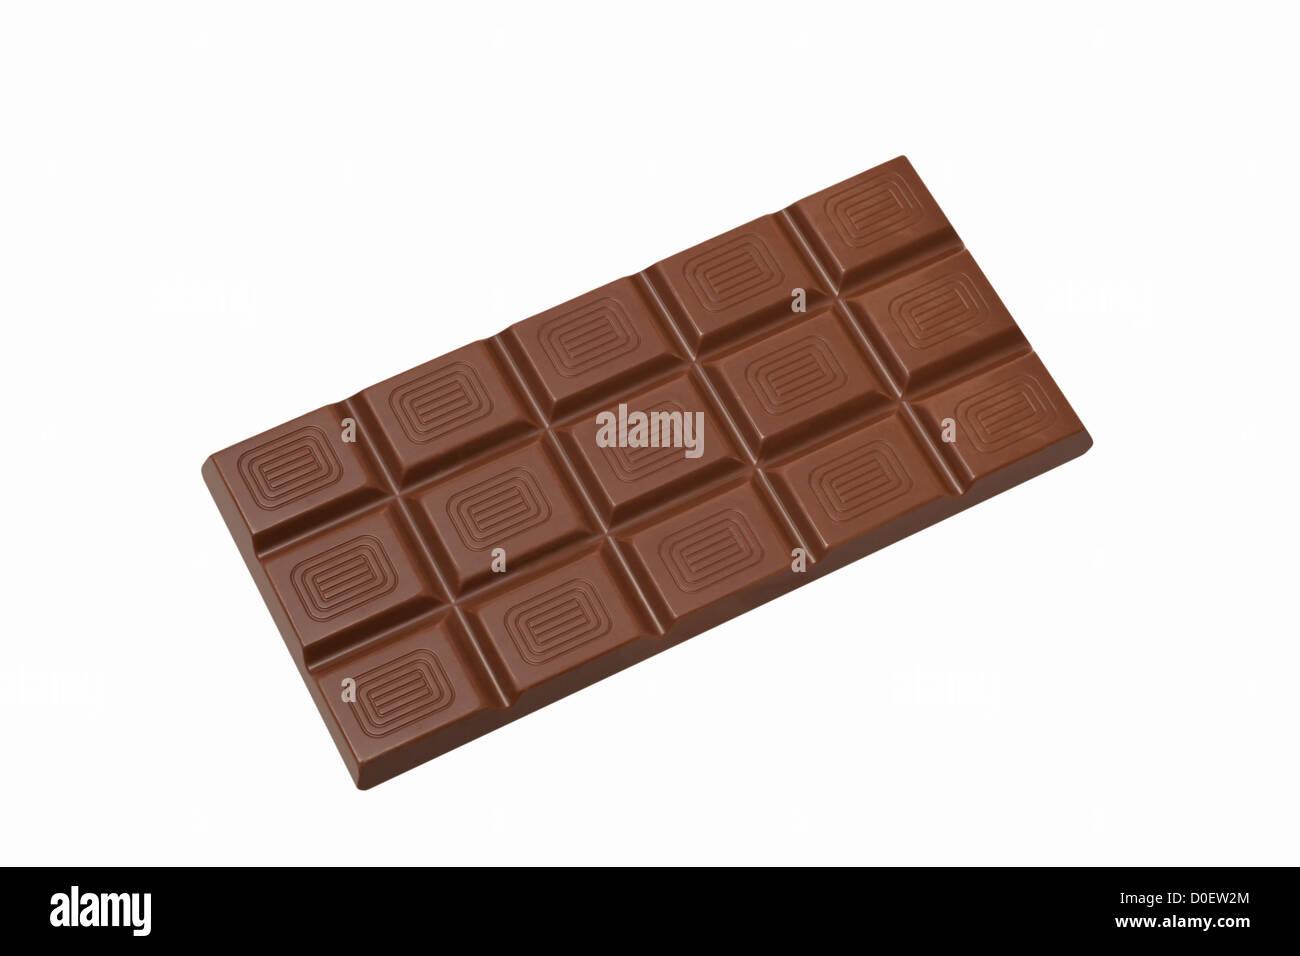 Detailansicht einer Tafel Schokolade, Hintergrund weiß   Detail photo of a chocolate bar, background white Stock Photo